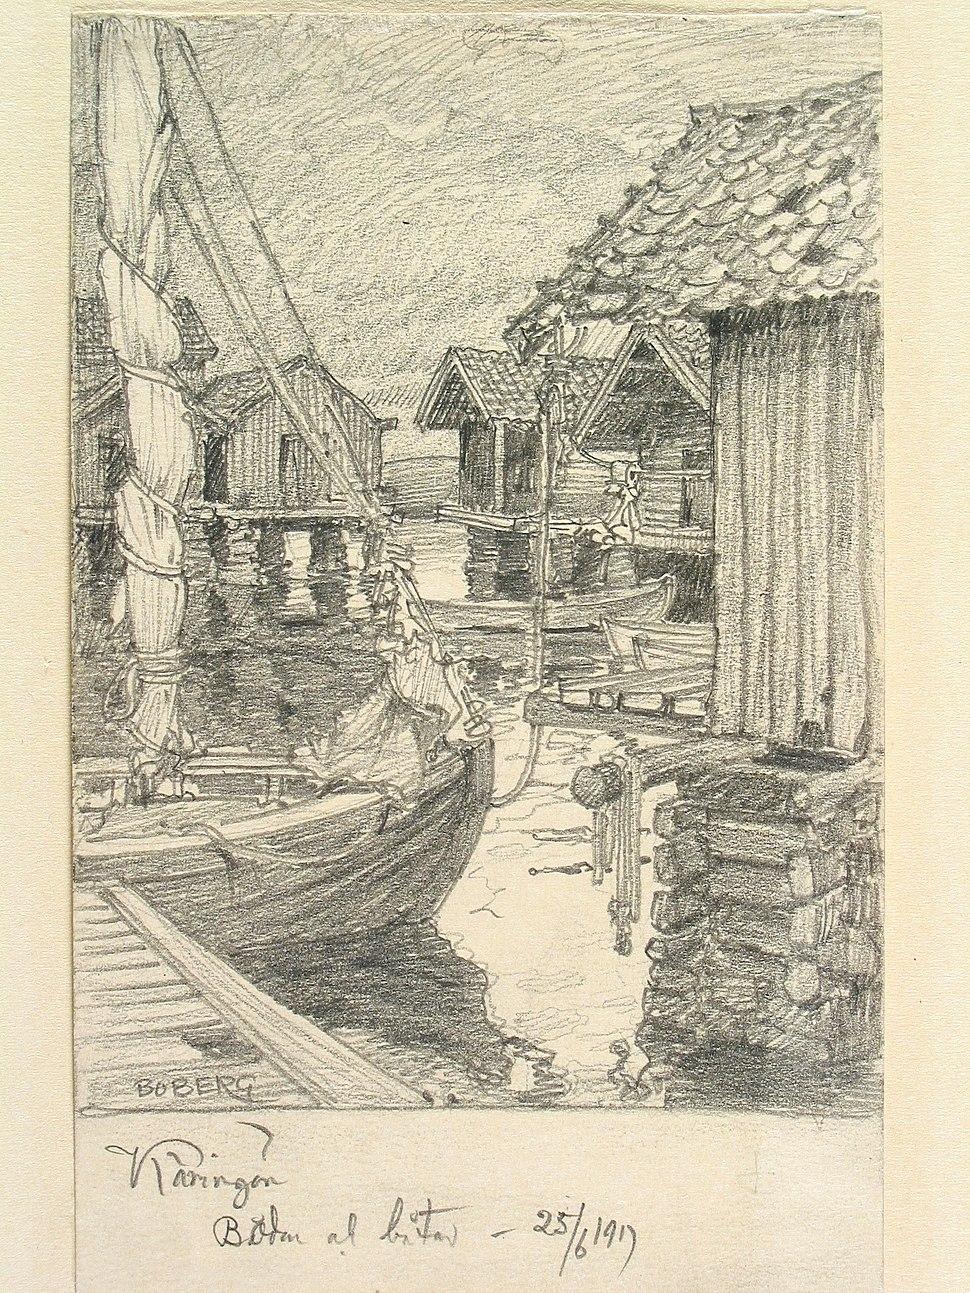 Bohuslän, Käringön. Bodar och båtar. Teckning av Ferdinand Boberg - Nordiska museet - NMA.0087997